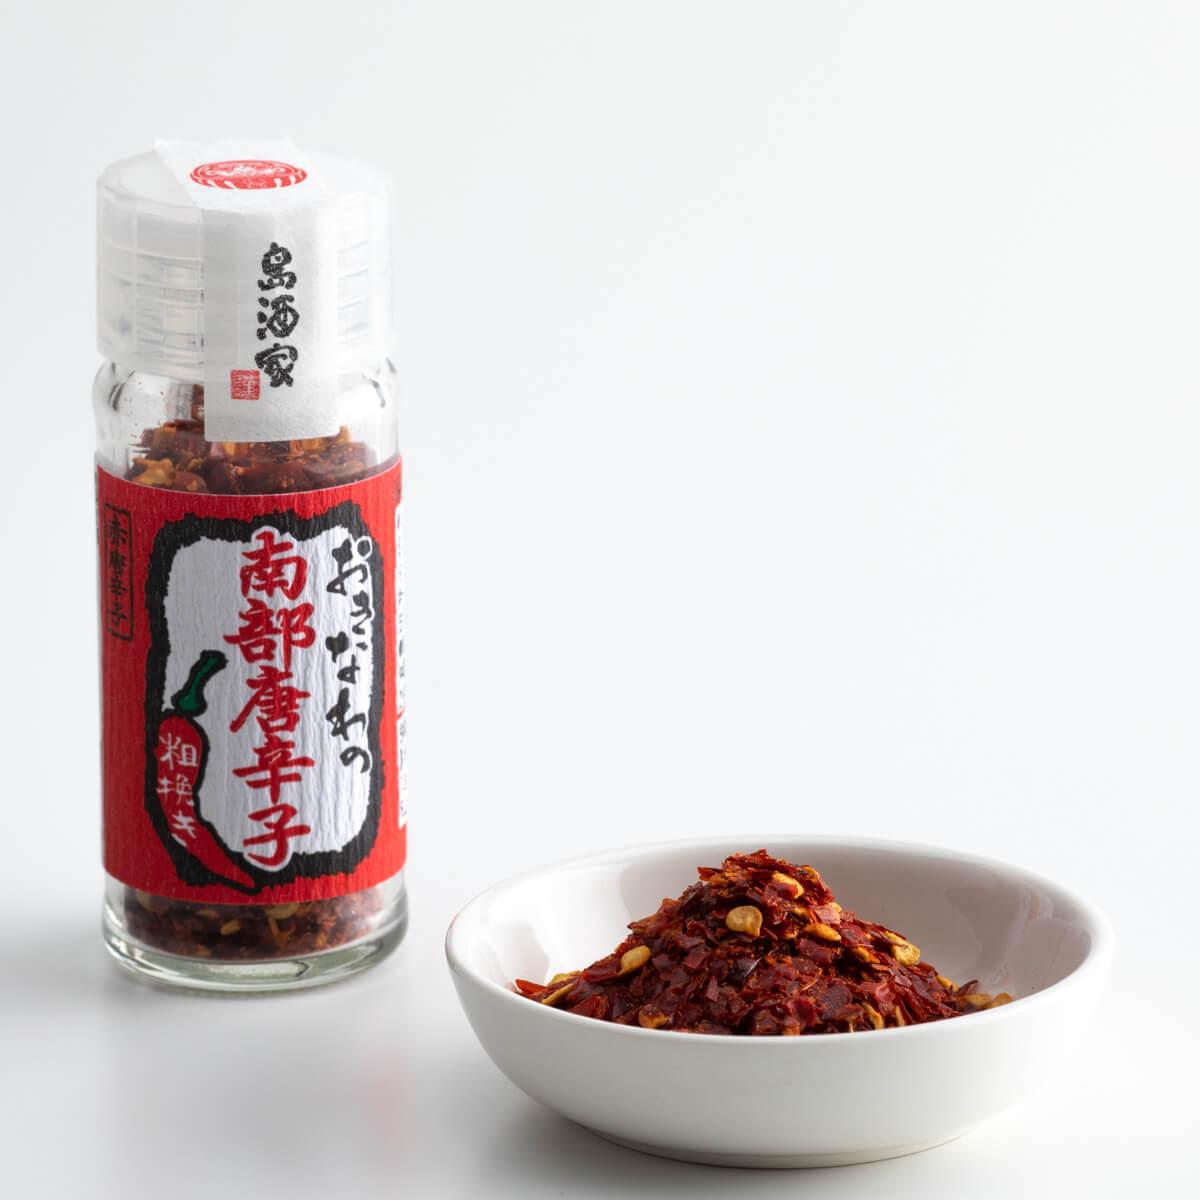 おきなわの南部唐辛子 (赤) 10g